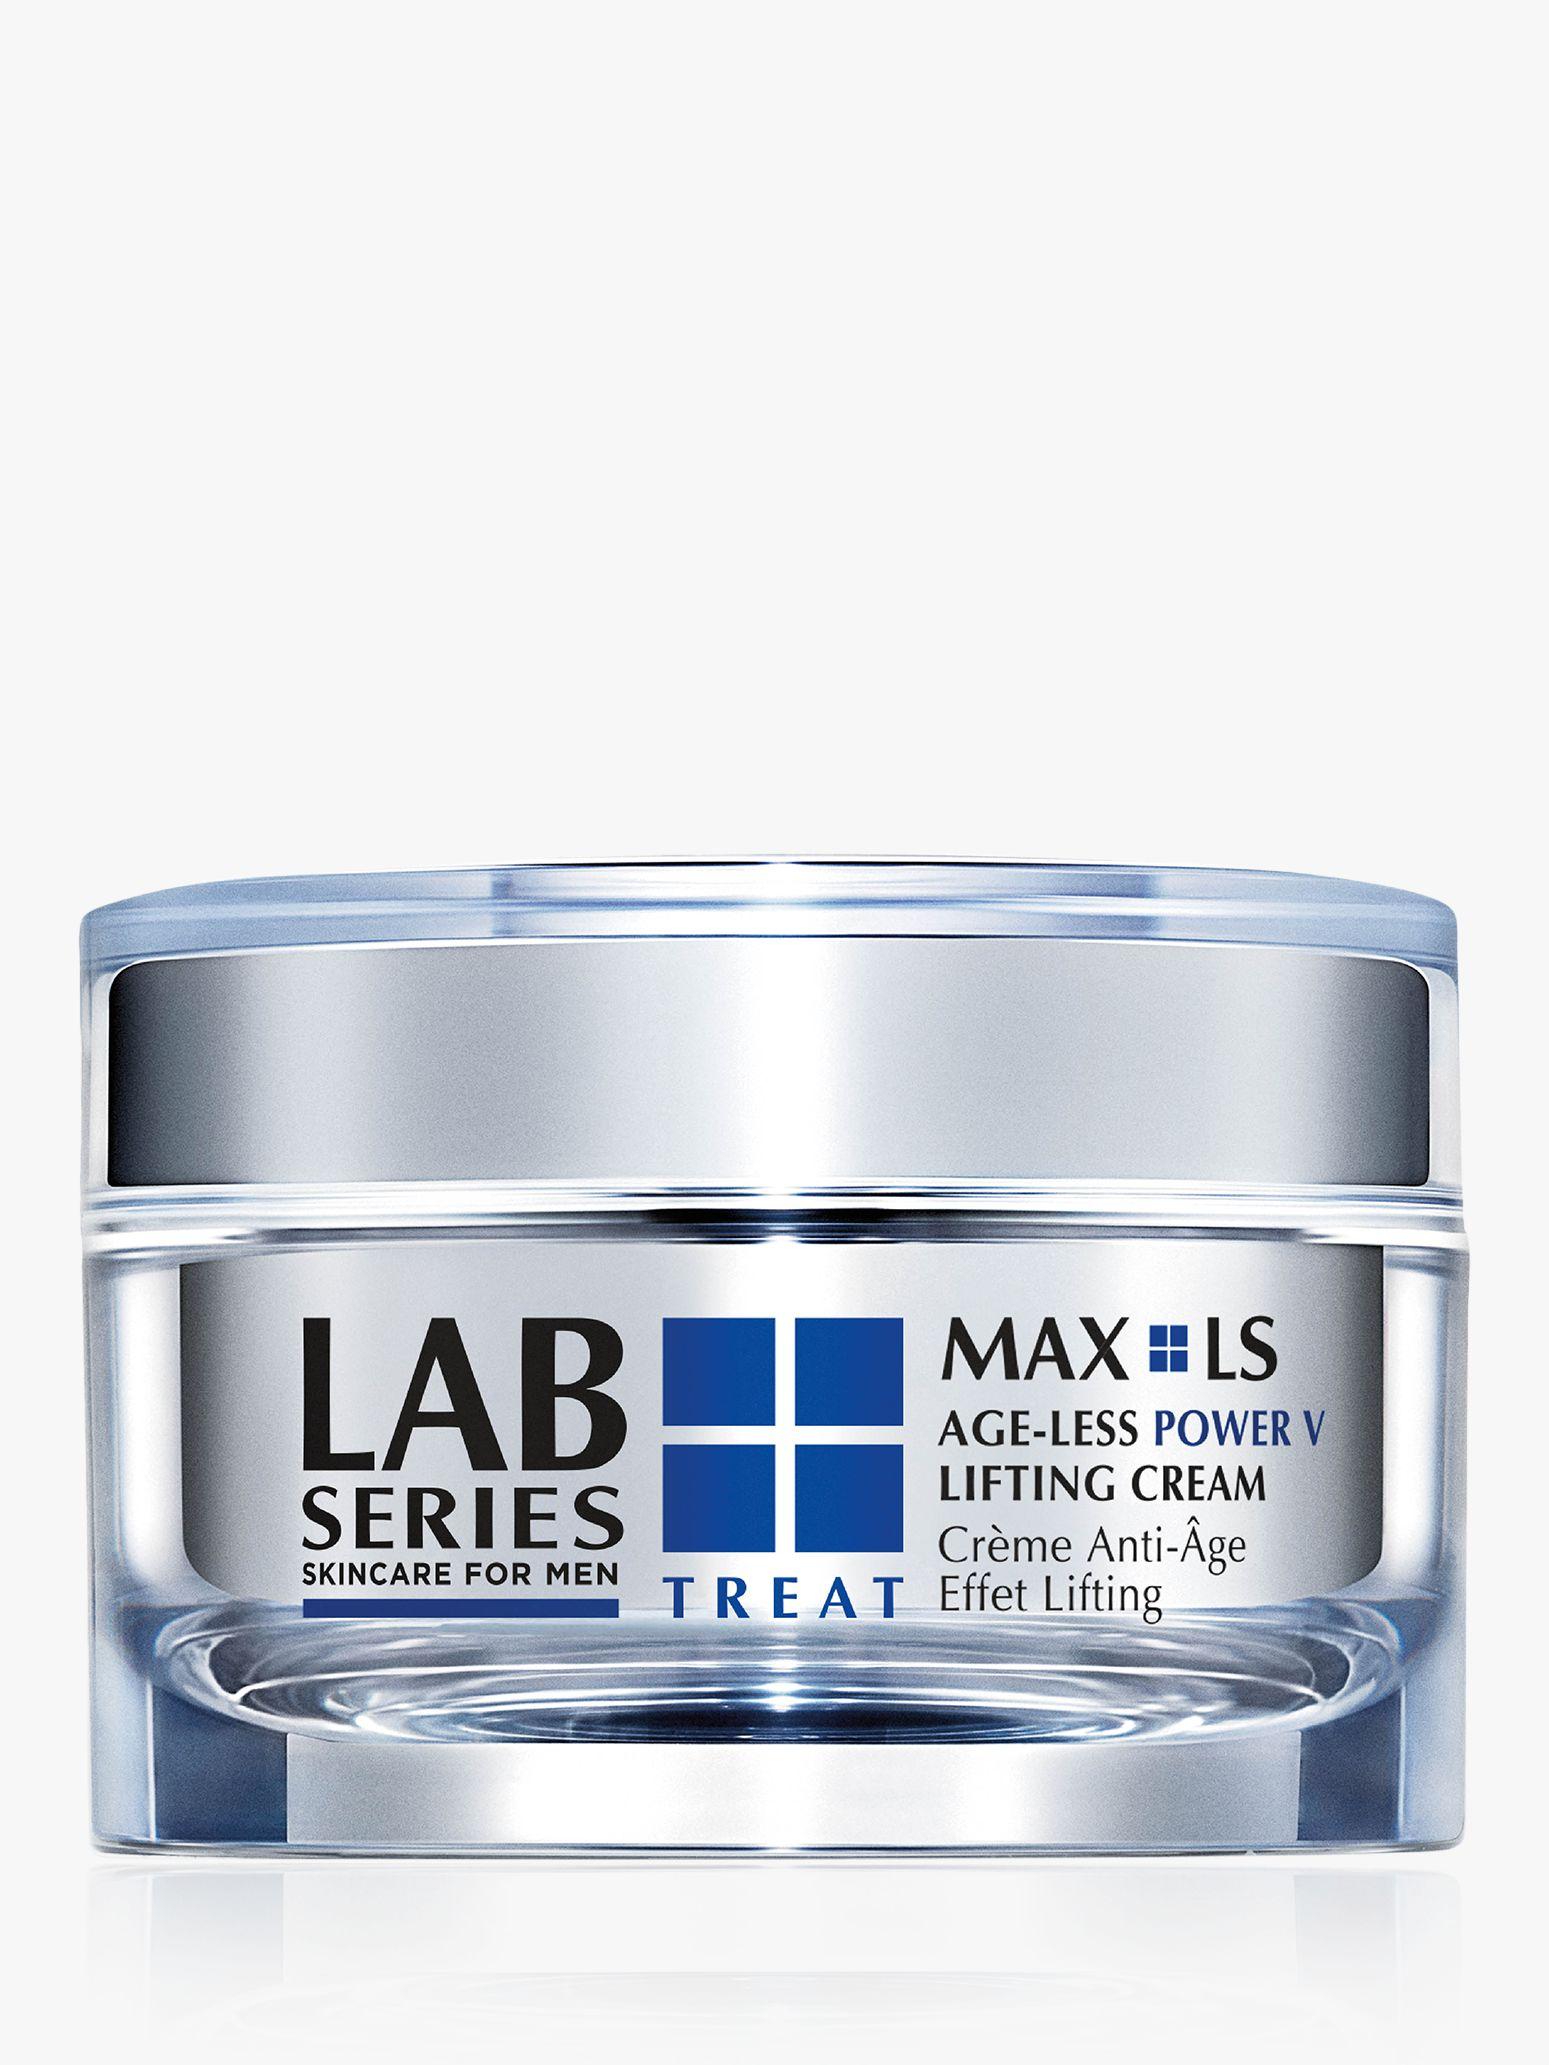 Lab Series Lab Series For Men Max LS Power V Lifting Cream, 50ml